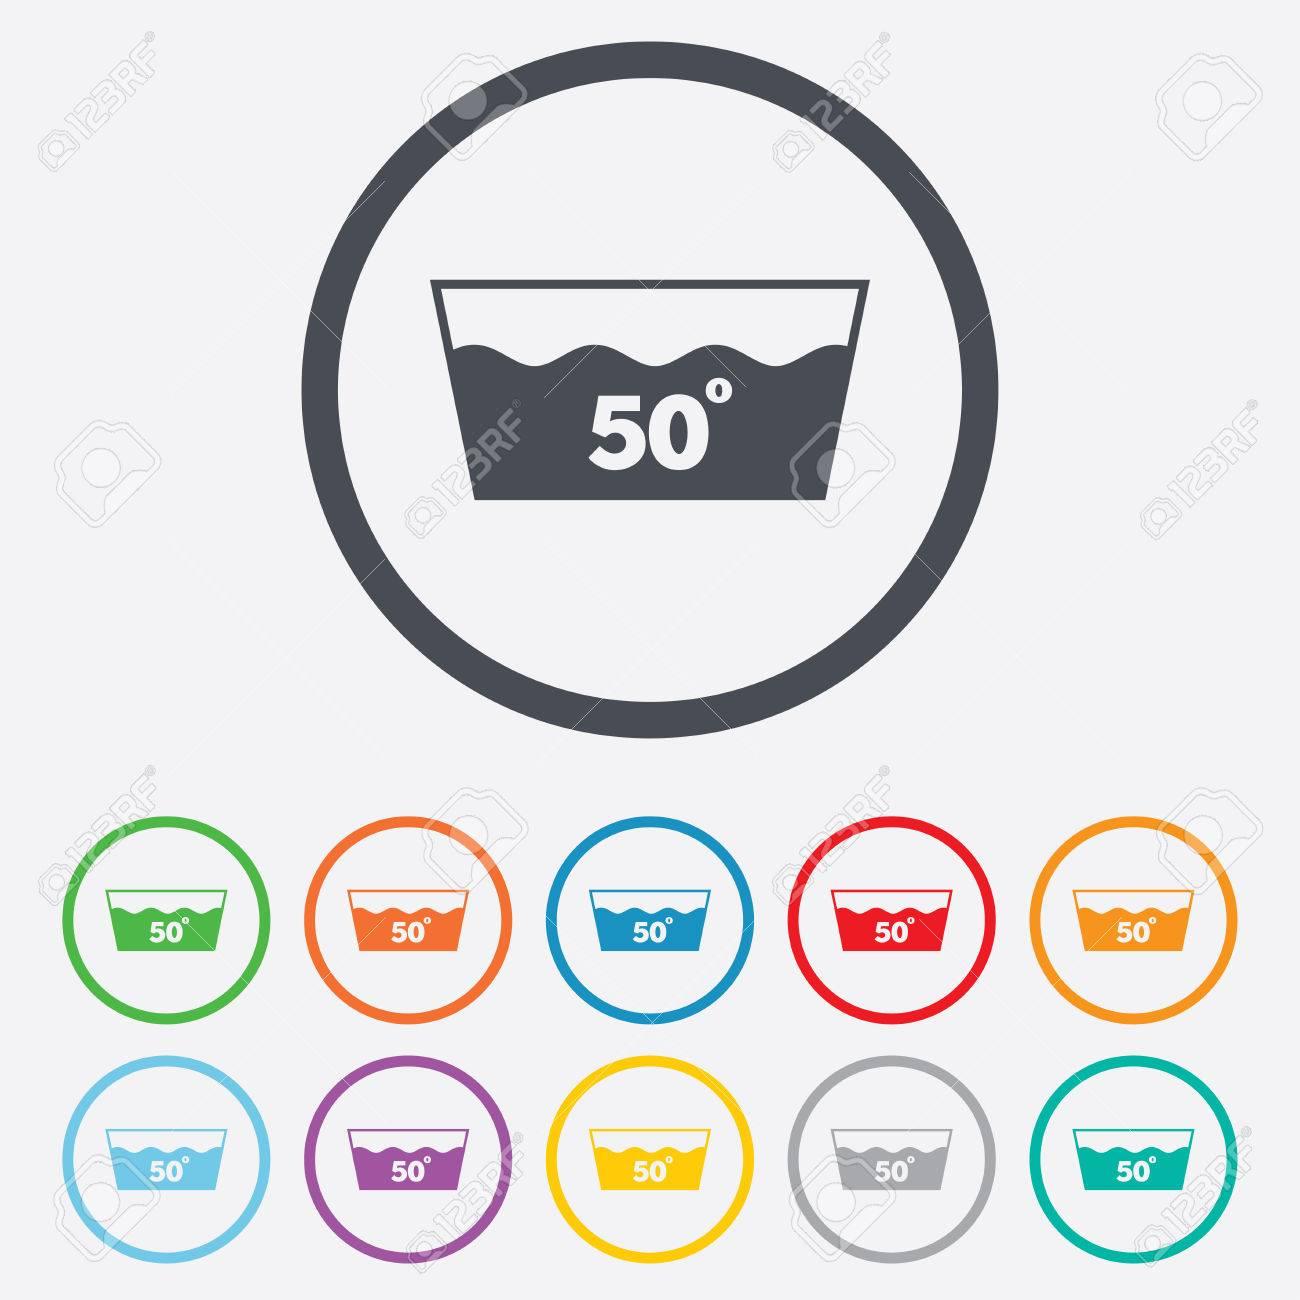 Wash-Symbol. Maschinenwäsche Bei 50 Grad-Symbol. Runde Kreis ...